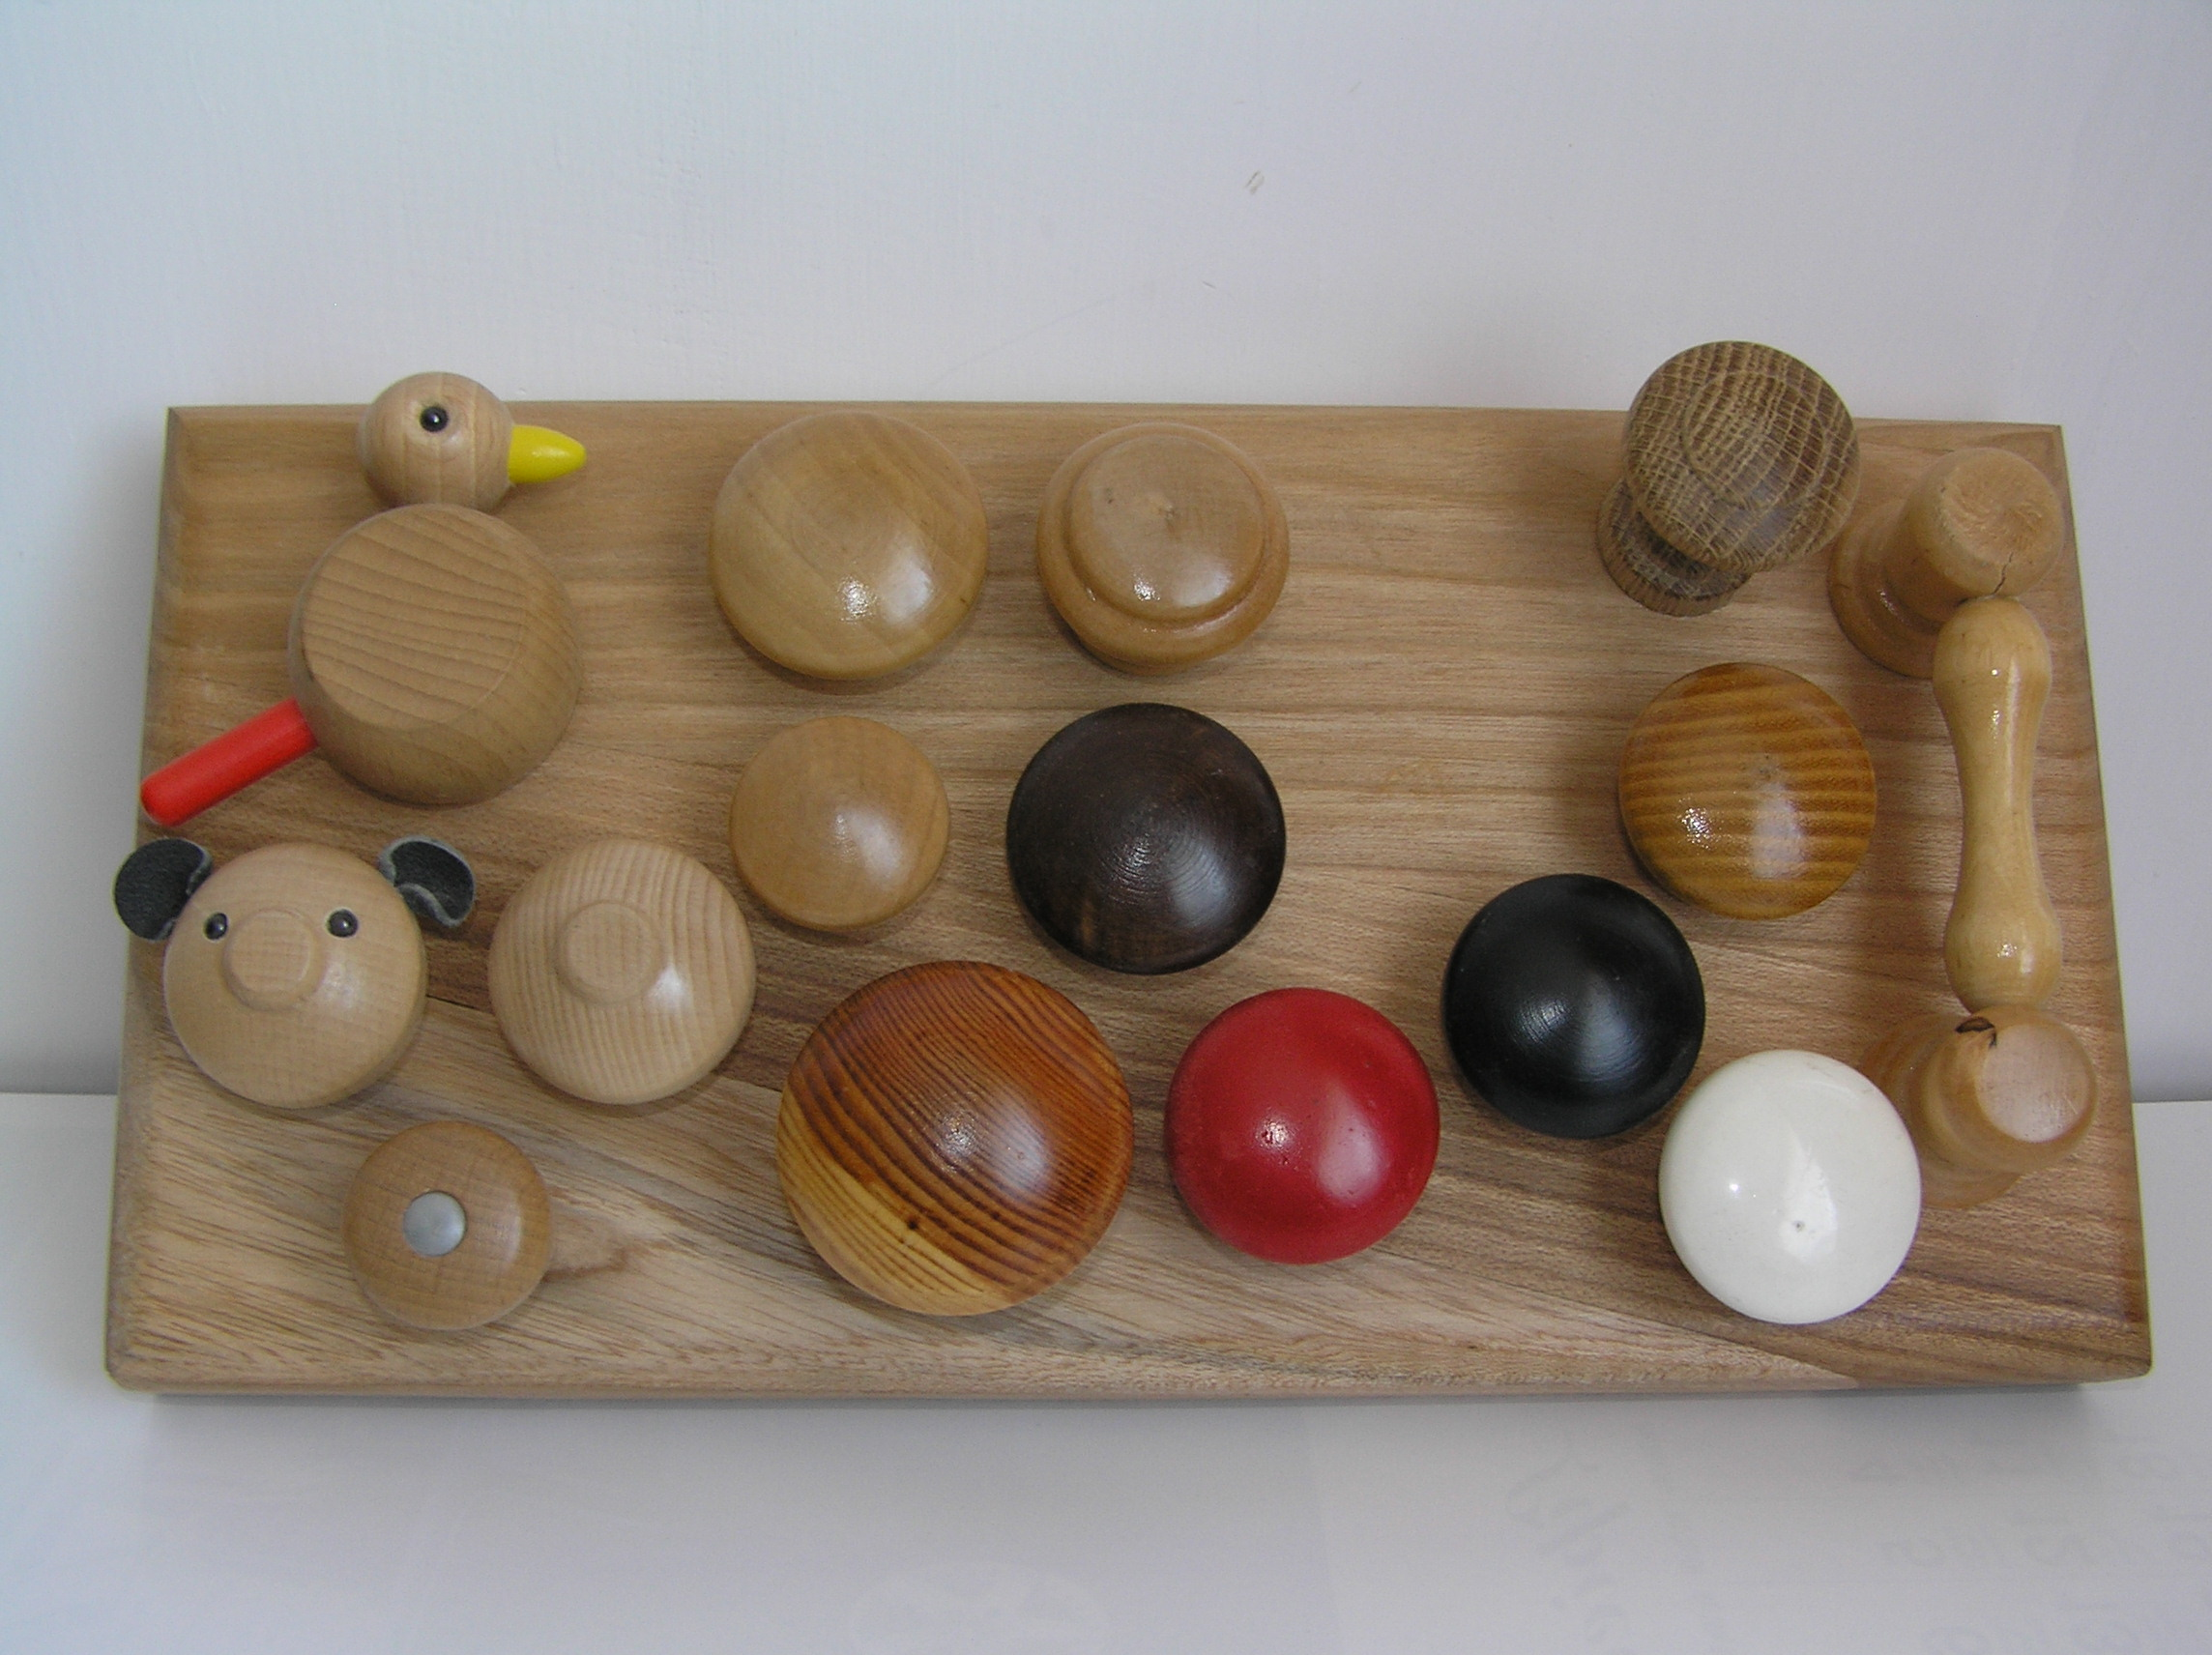 toczenie w drewnie i produkcja galanterii drewnian